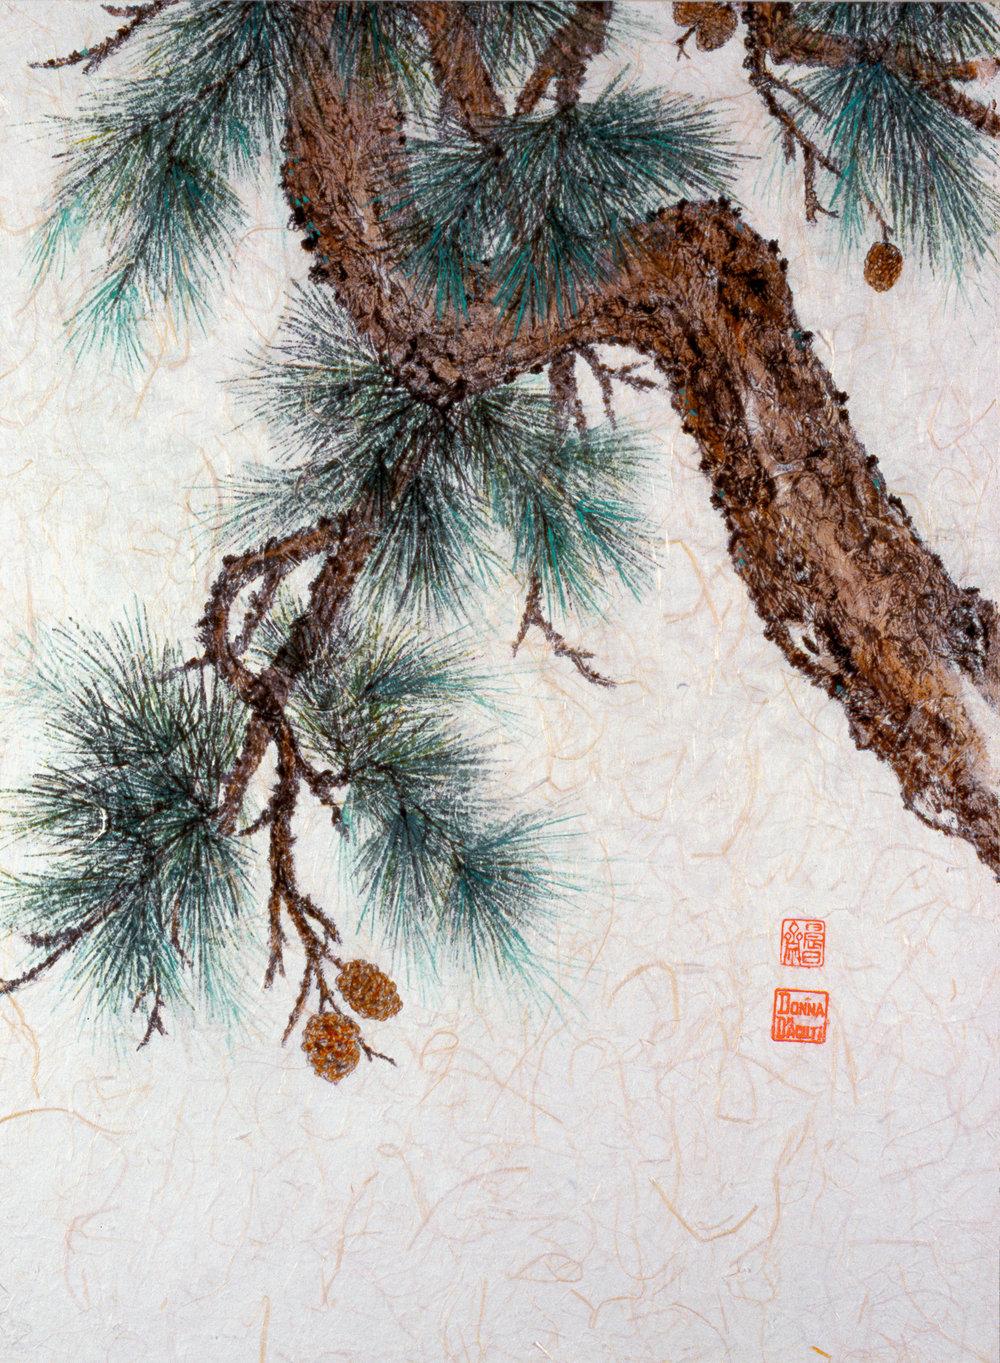 Pine & Cones